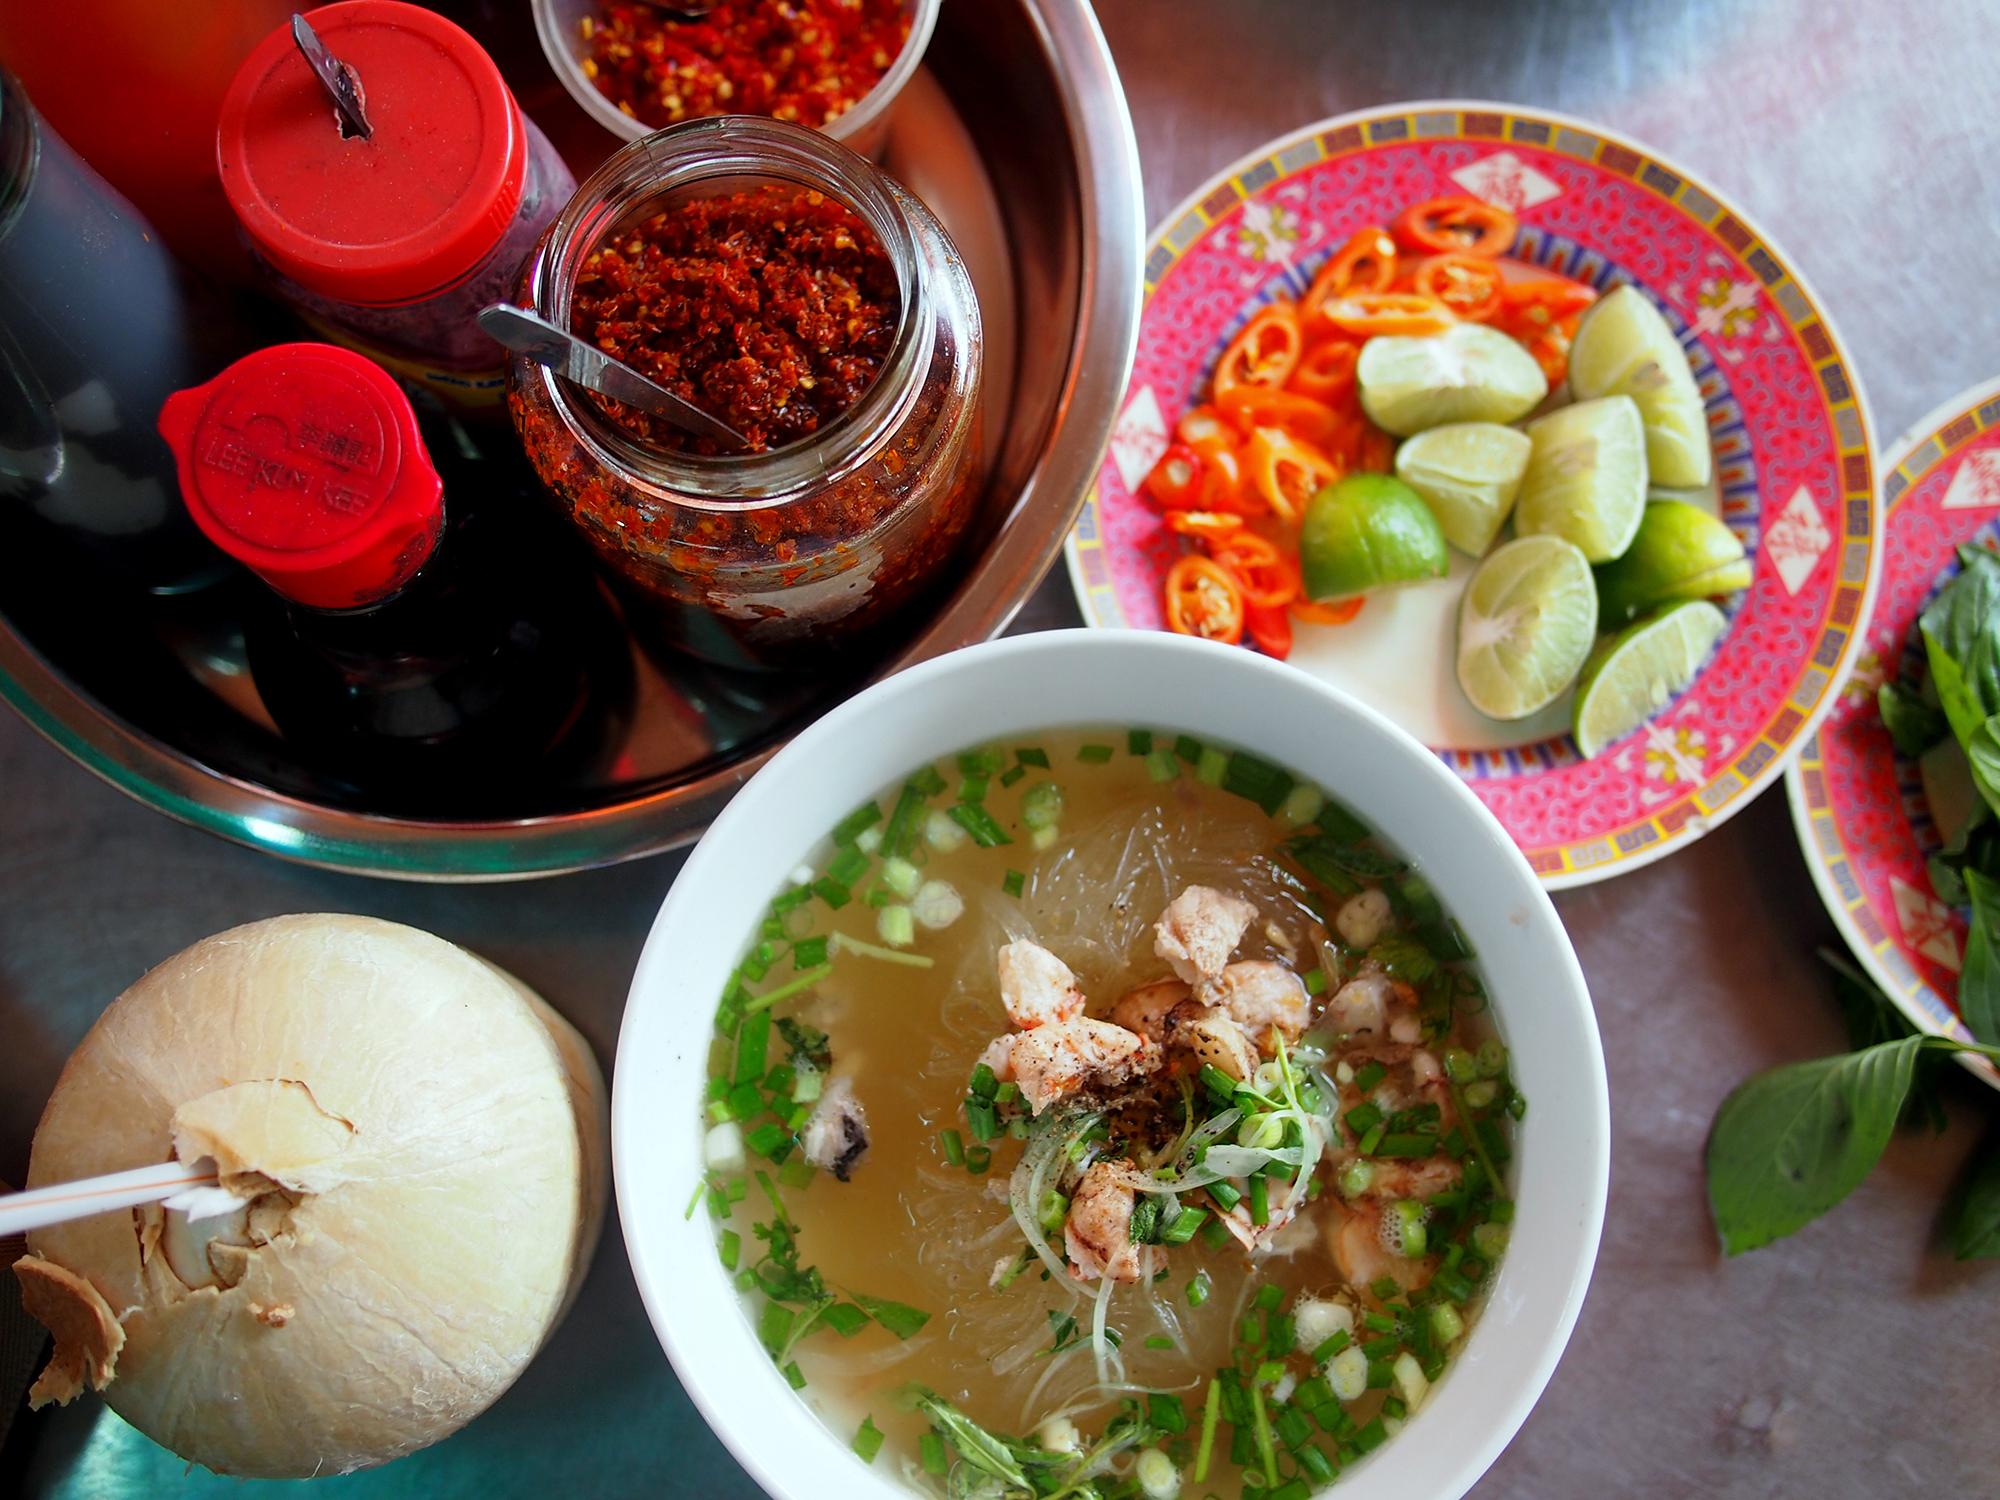 Vietnamese *bun rieu* soup. Photo courtesy Jodi Ettenberg.